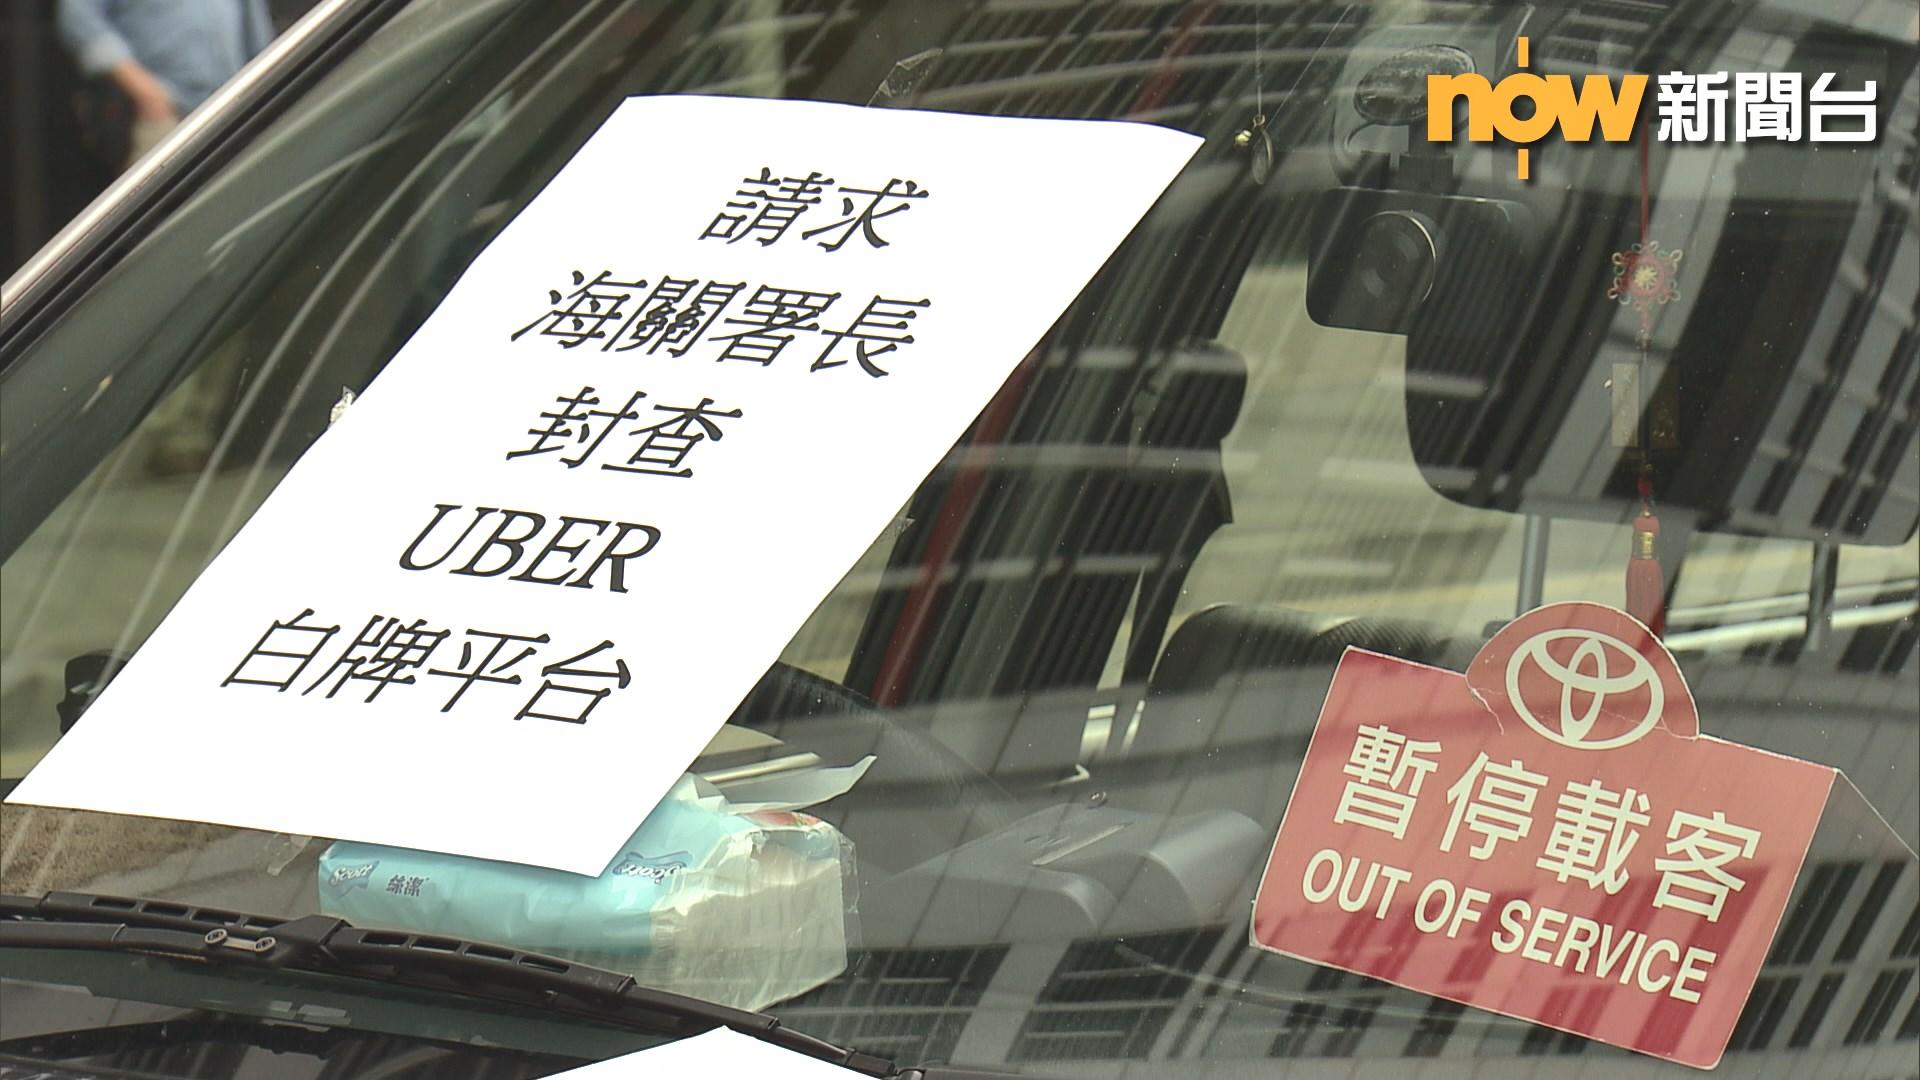 多個的士團體要求海關取締Uber